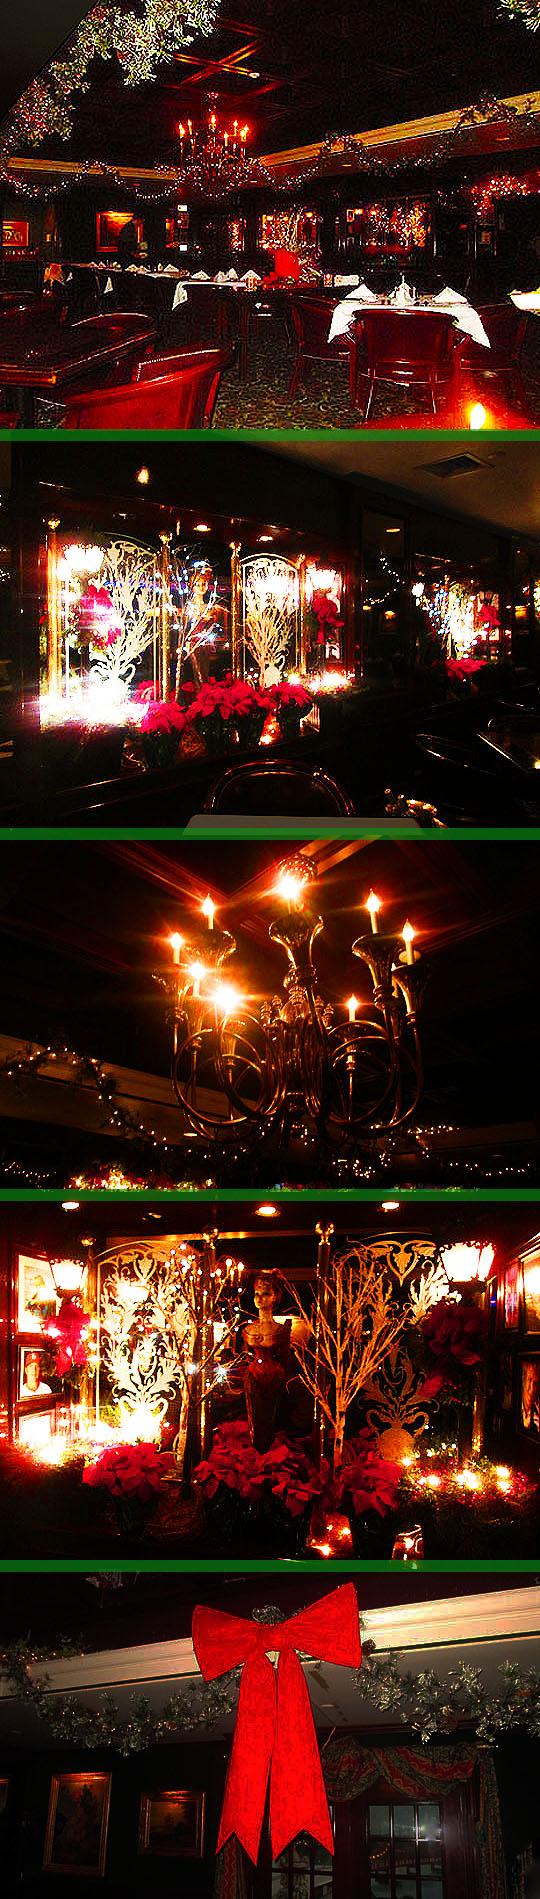 3. diningroom_nov14-17.jpg